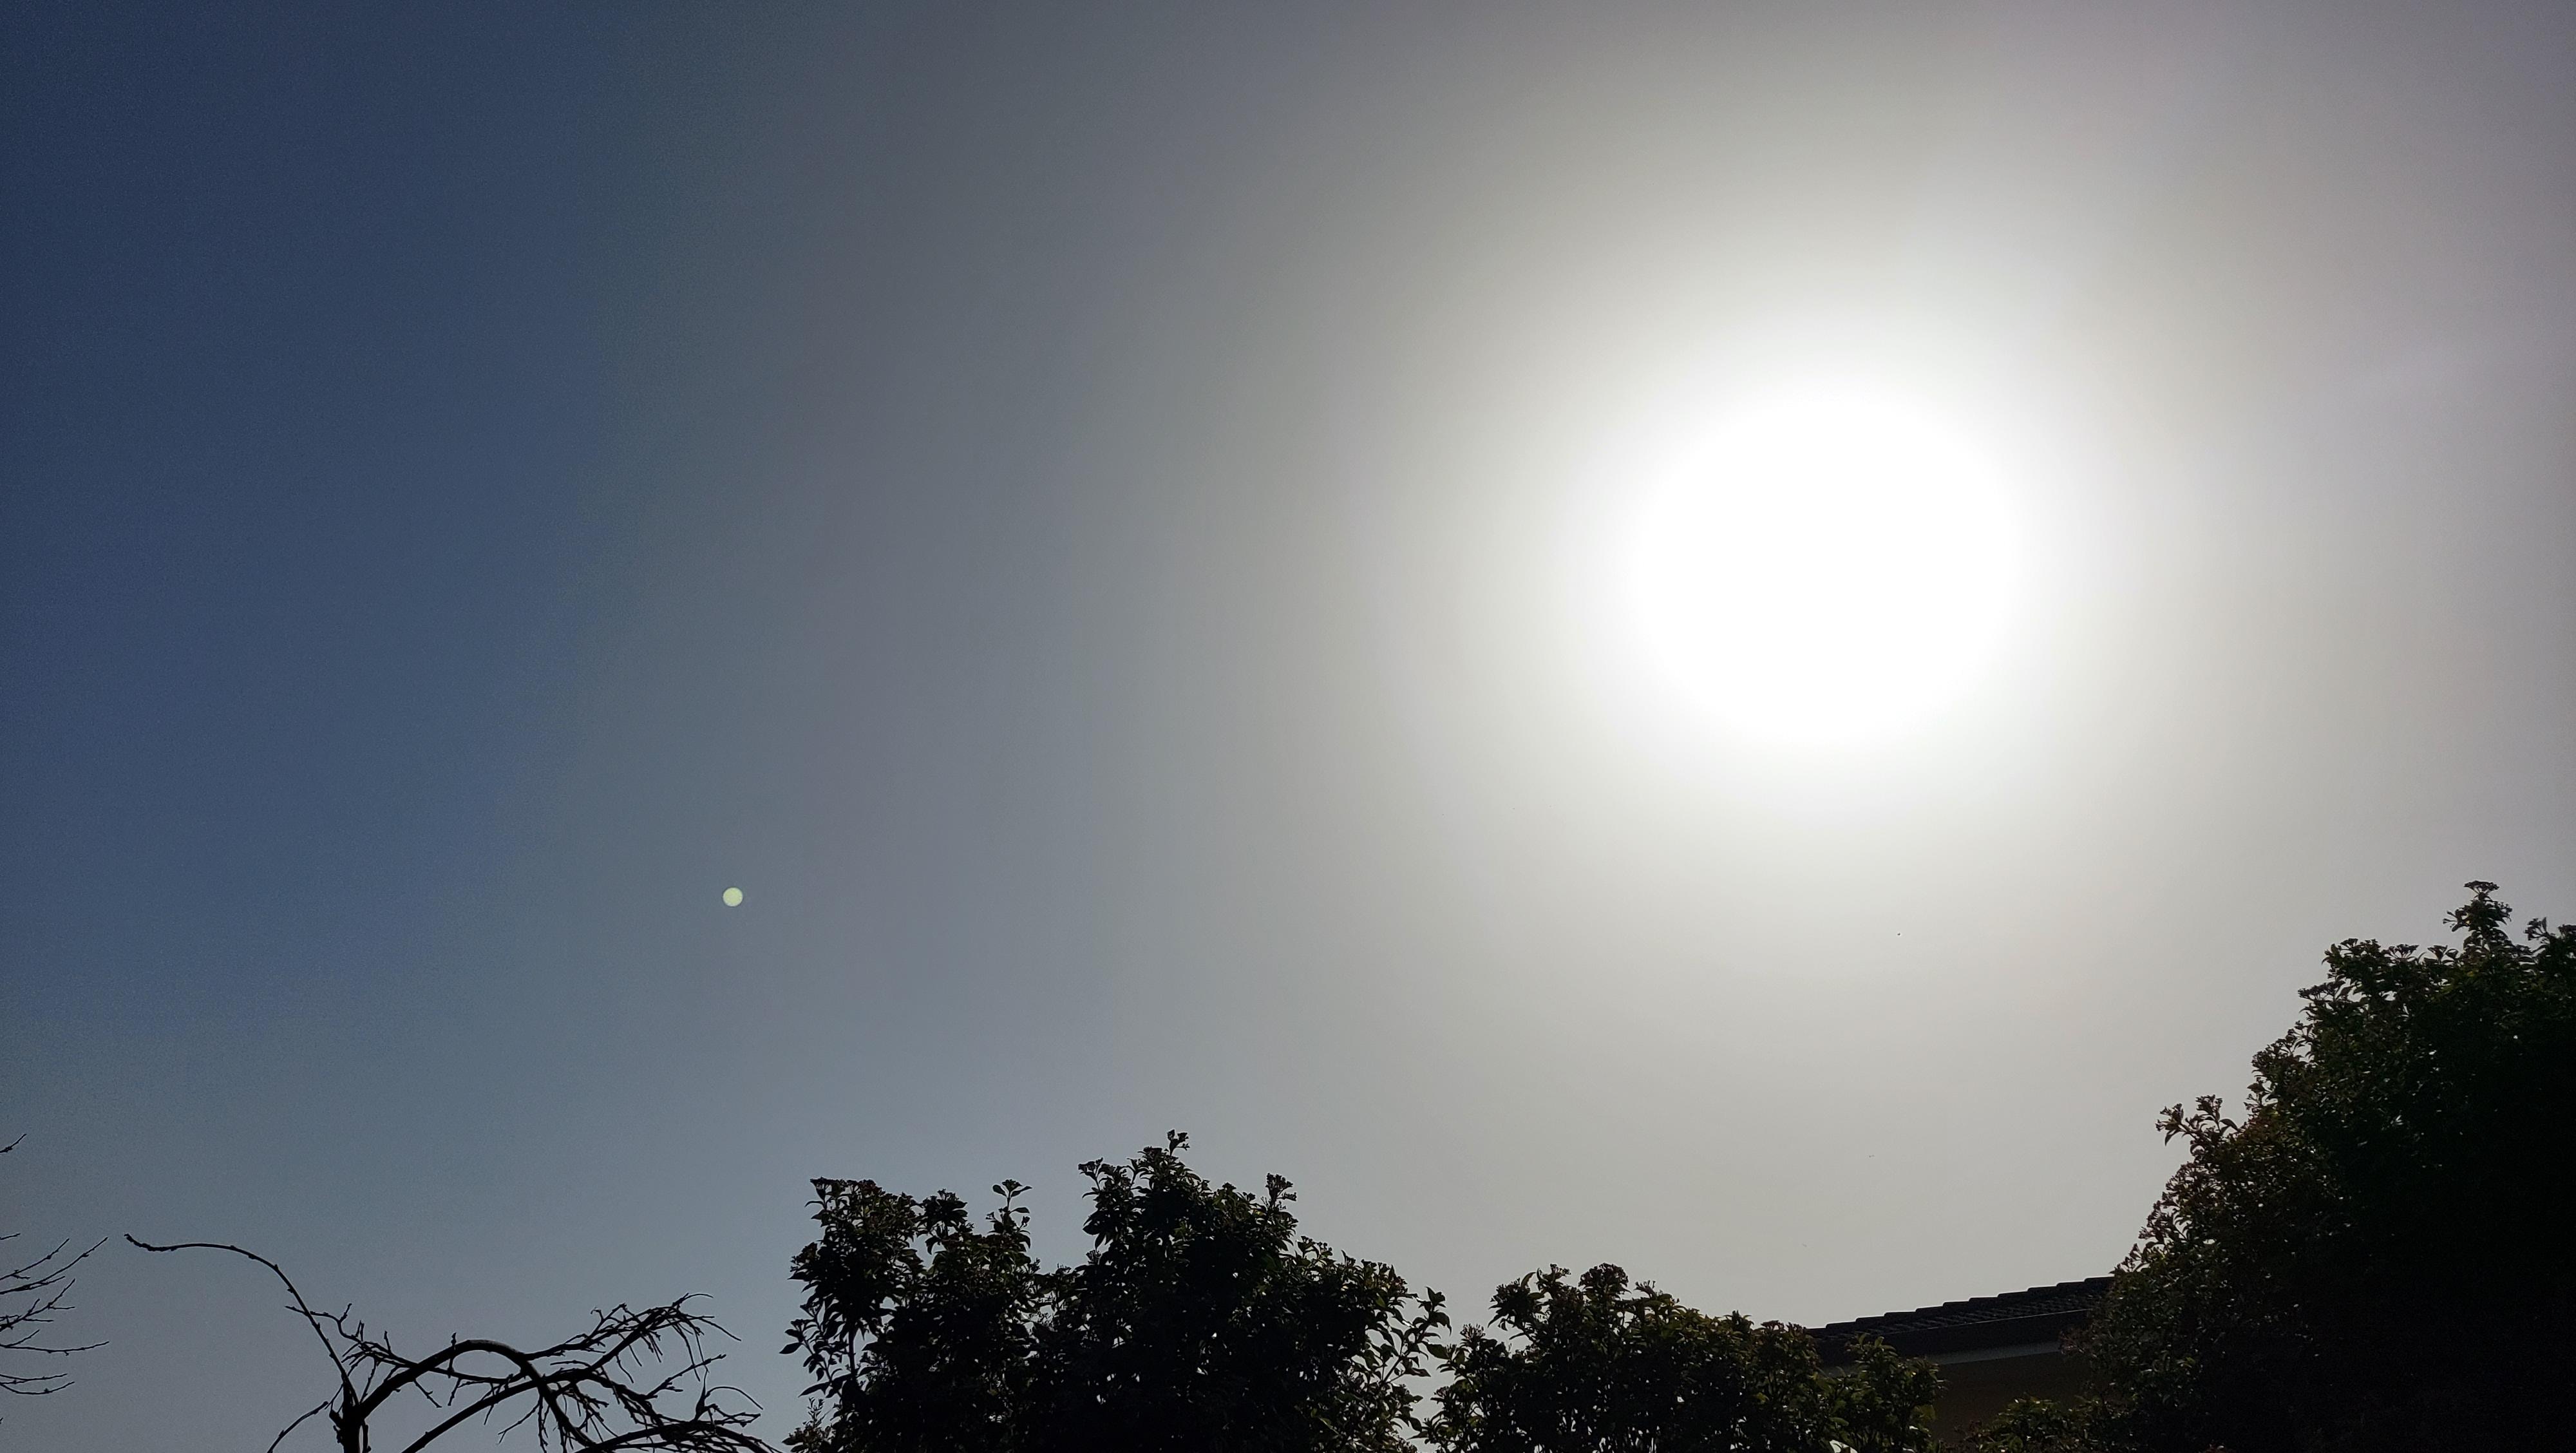 Immagine per Continua la fase decisamente mite sul Goriziano, bel tempo con clima atipico per il periodo